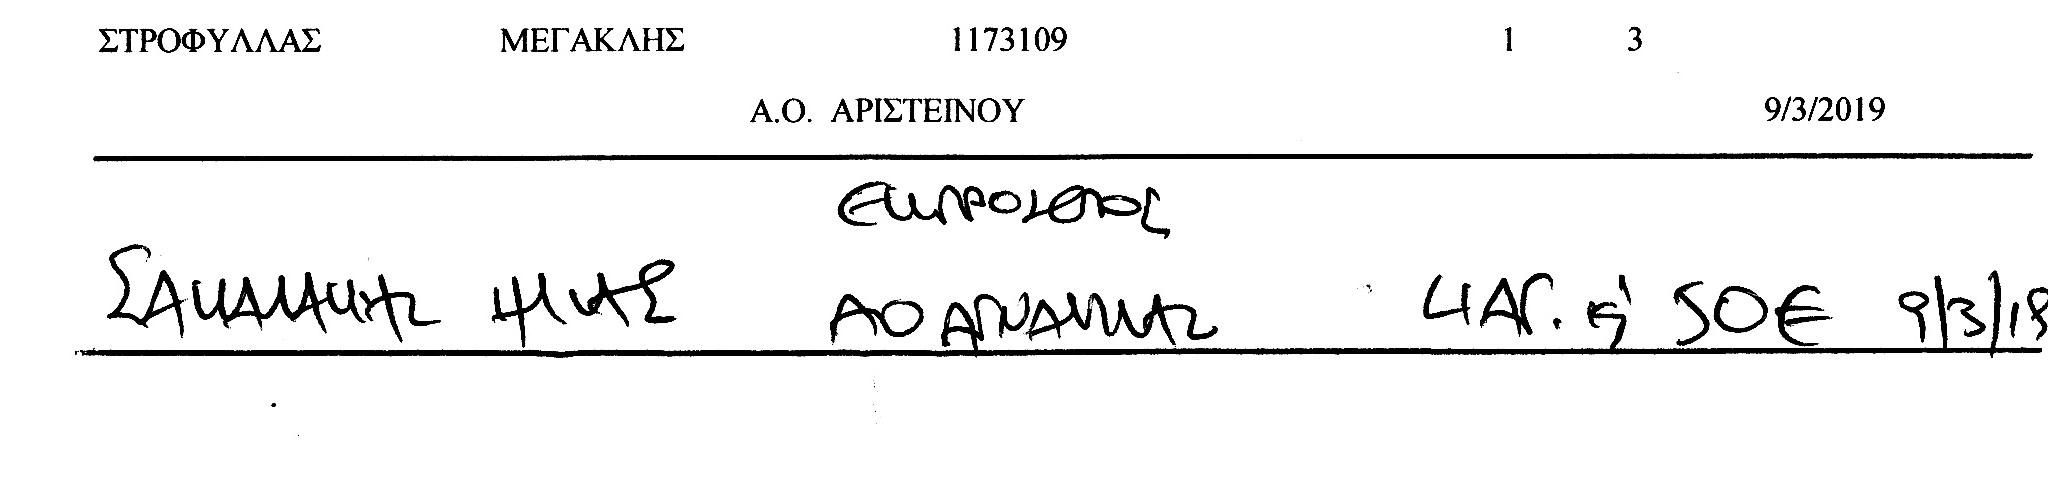 Ποινές ποδοσφαιριστών ΕΠΣ Έβρου (αποφ. 13/14-03-2019)